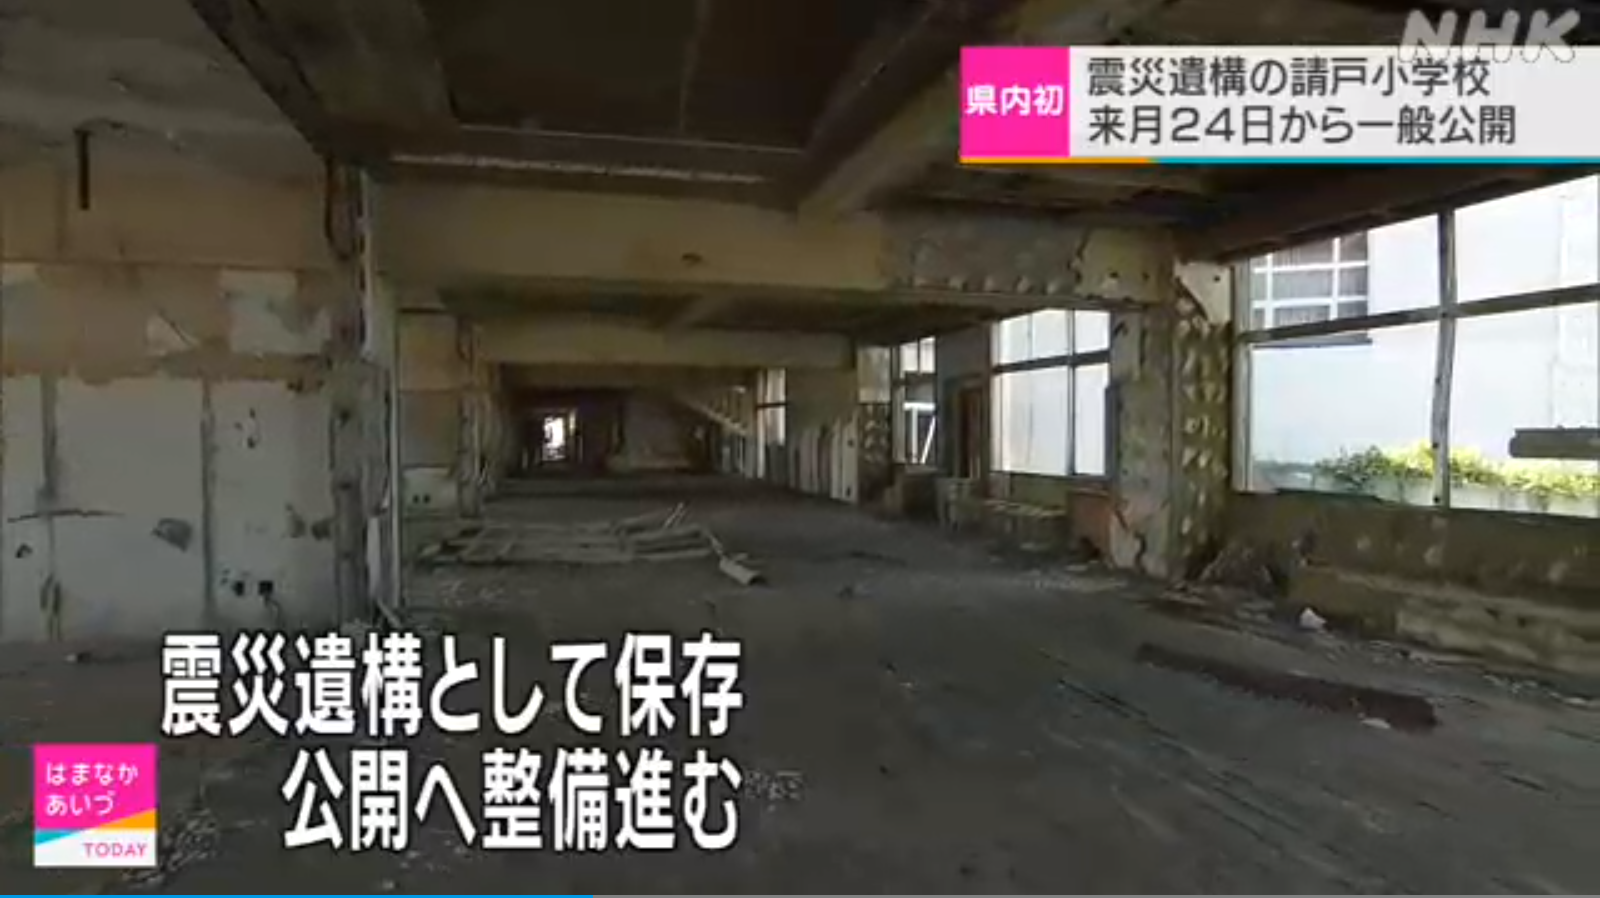 日本福岛县请户小学(视频截图)